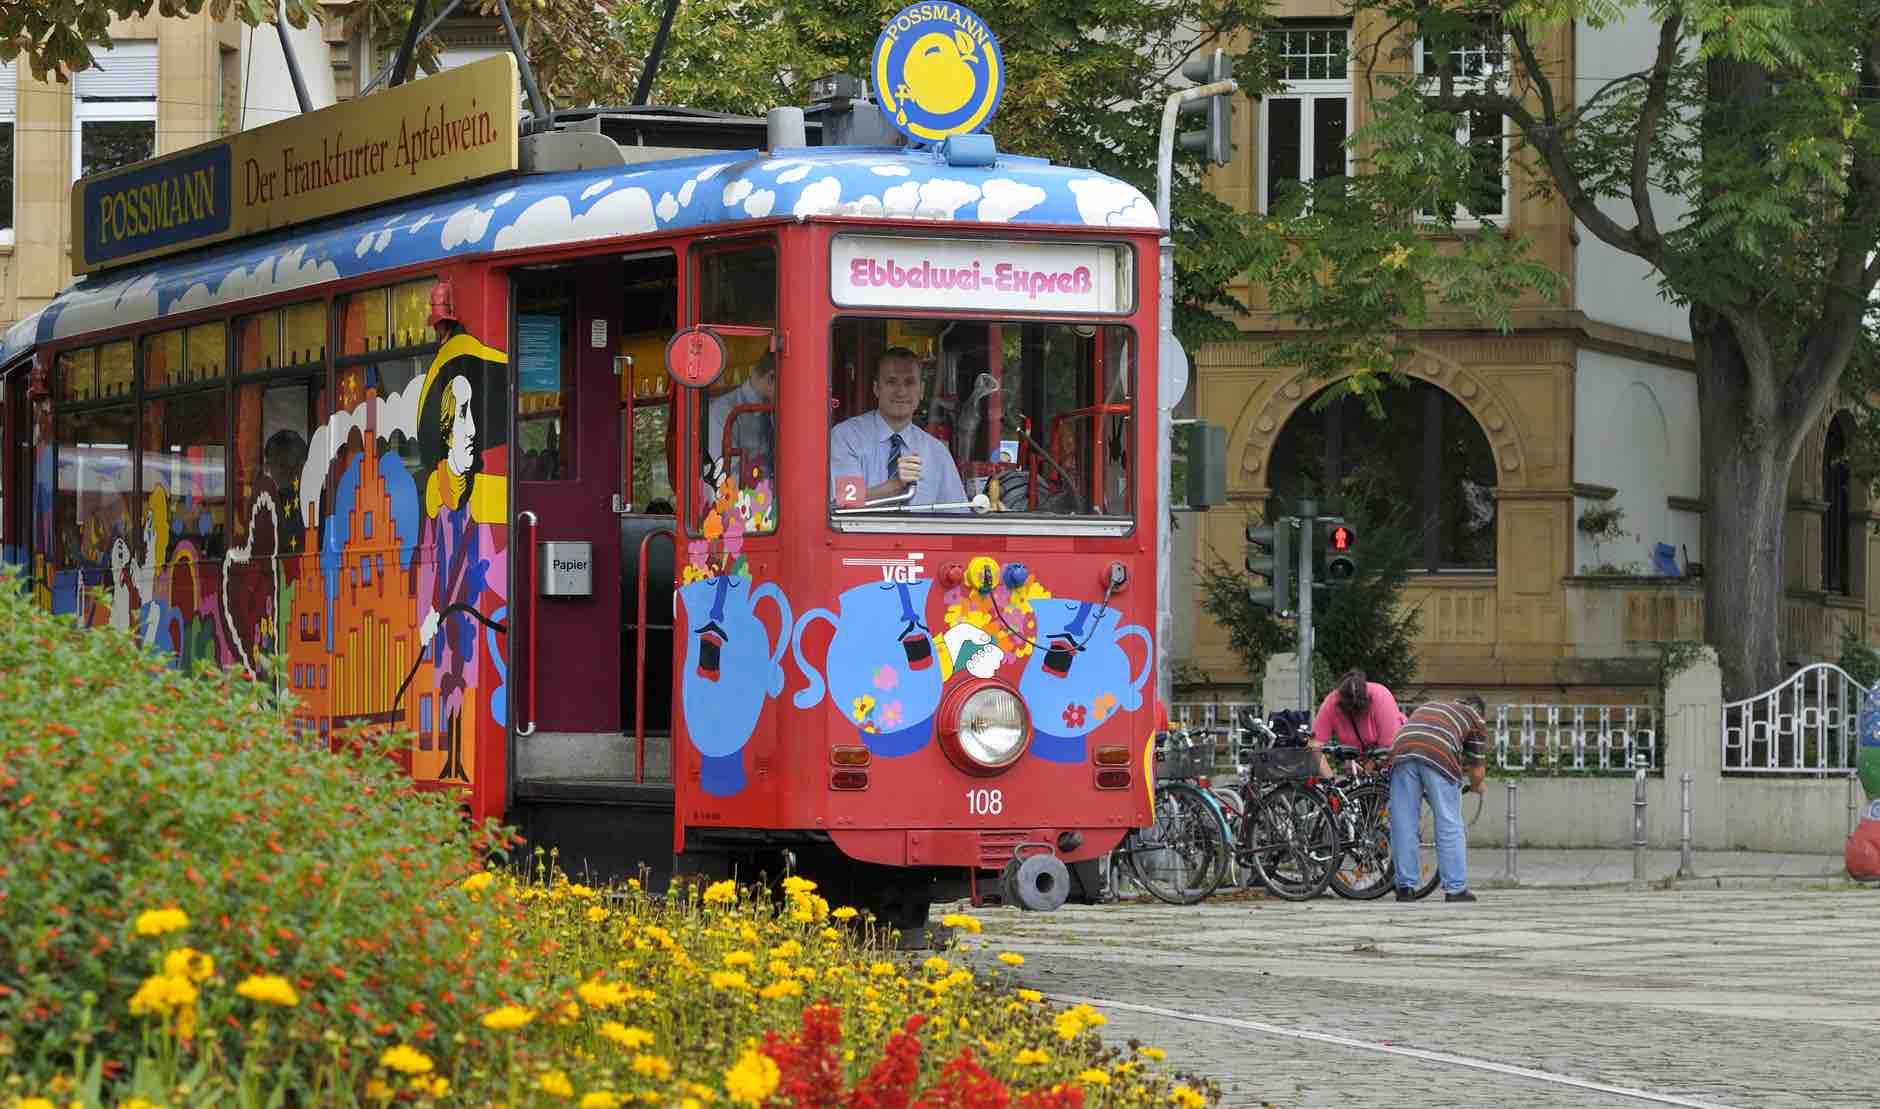 Ebbelwei Frankfurt